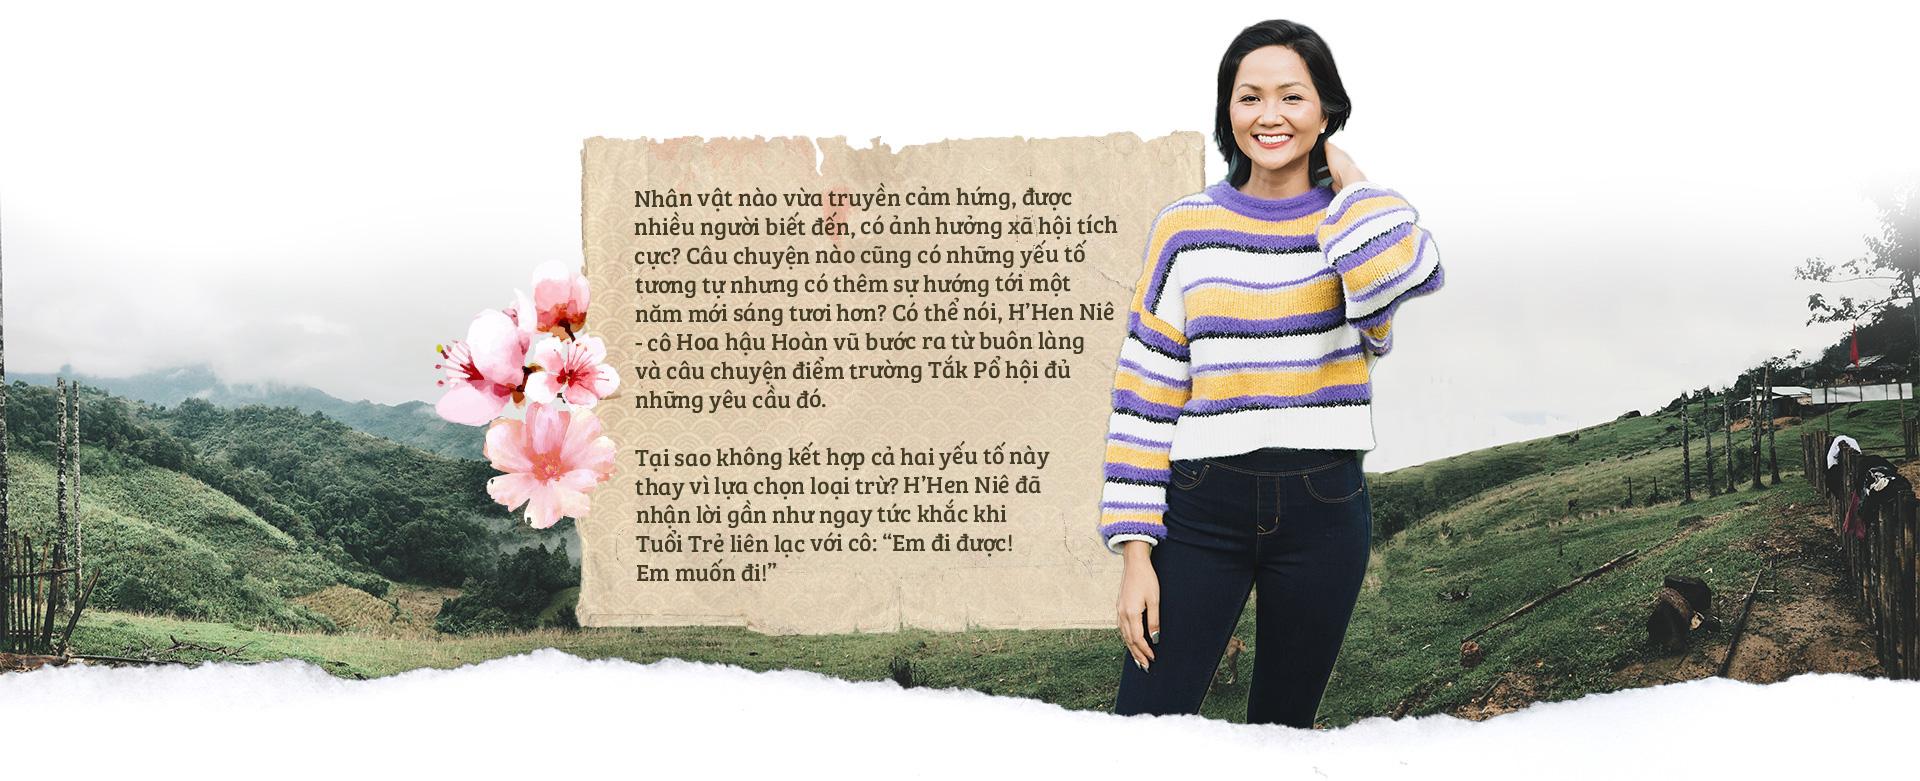 Tuổi Trẻ, HHen Niê đến với cô trò Tắk Pổ và câu chuyện bìa báo Tết Canh Tý 2020 - Ảnh 2.